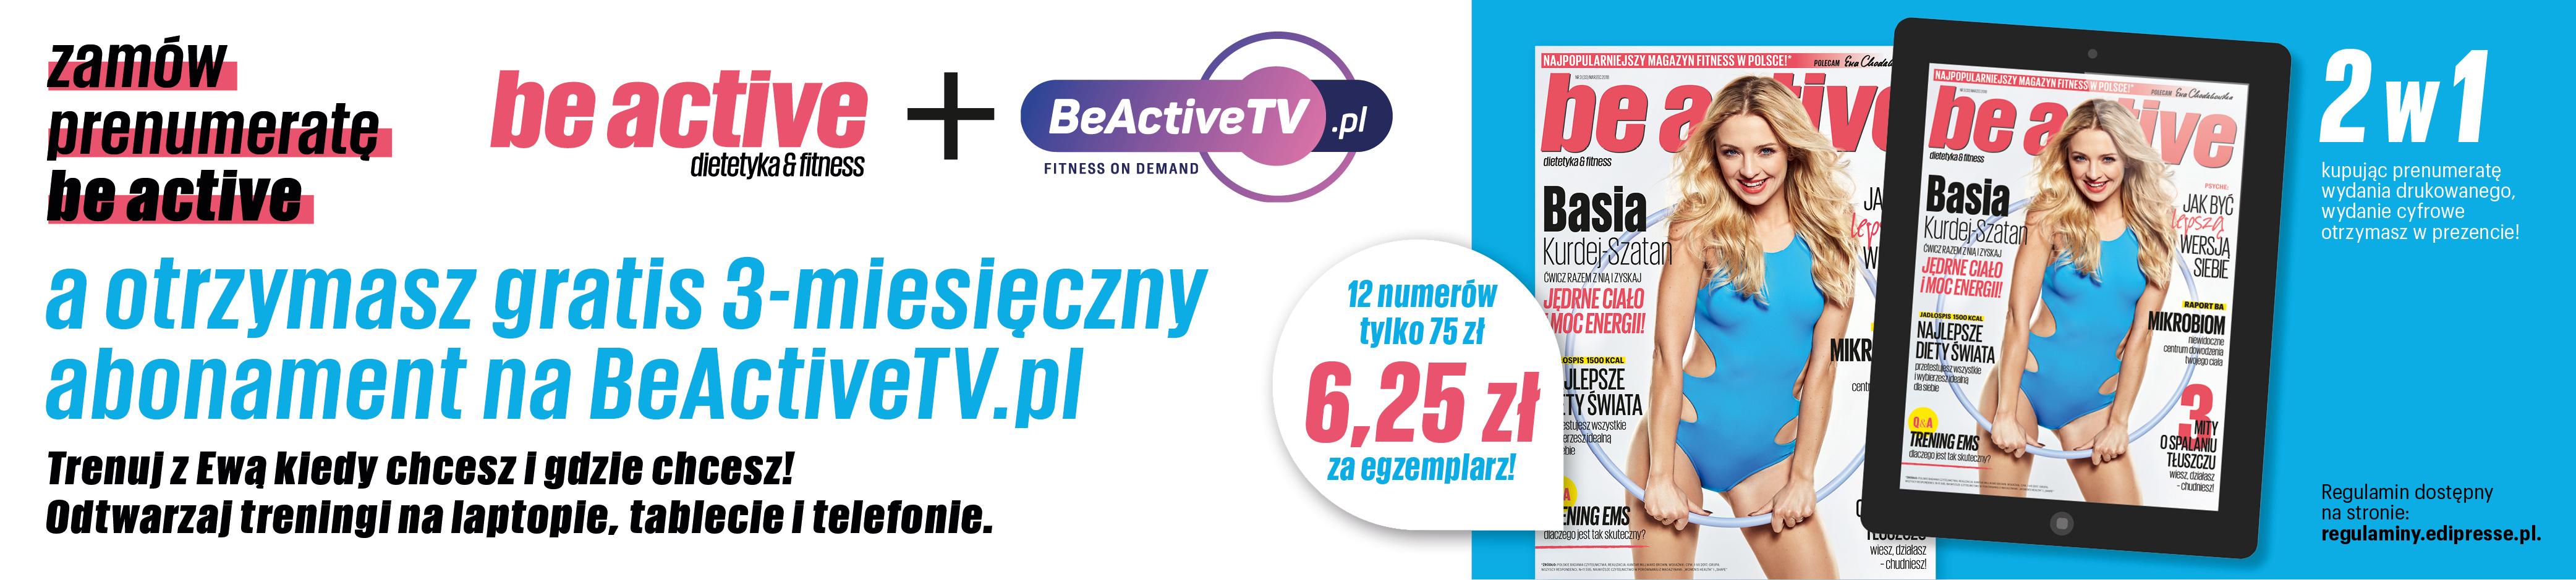 magazyn beactive